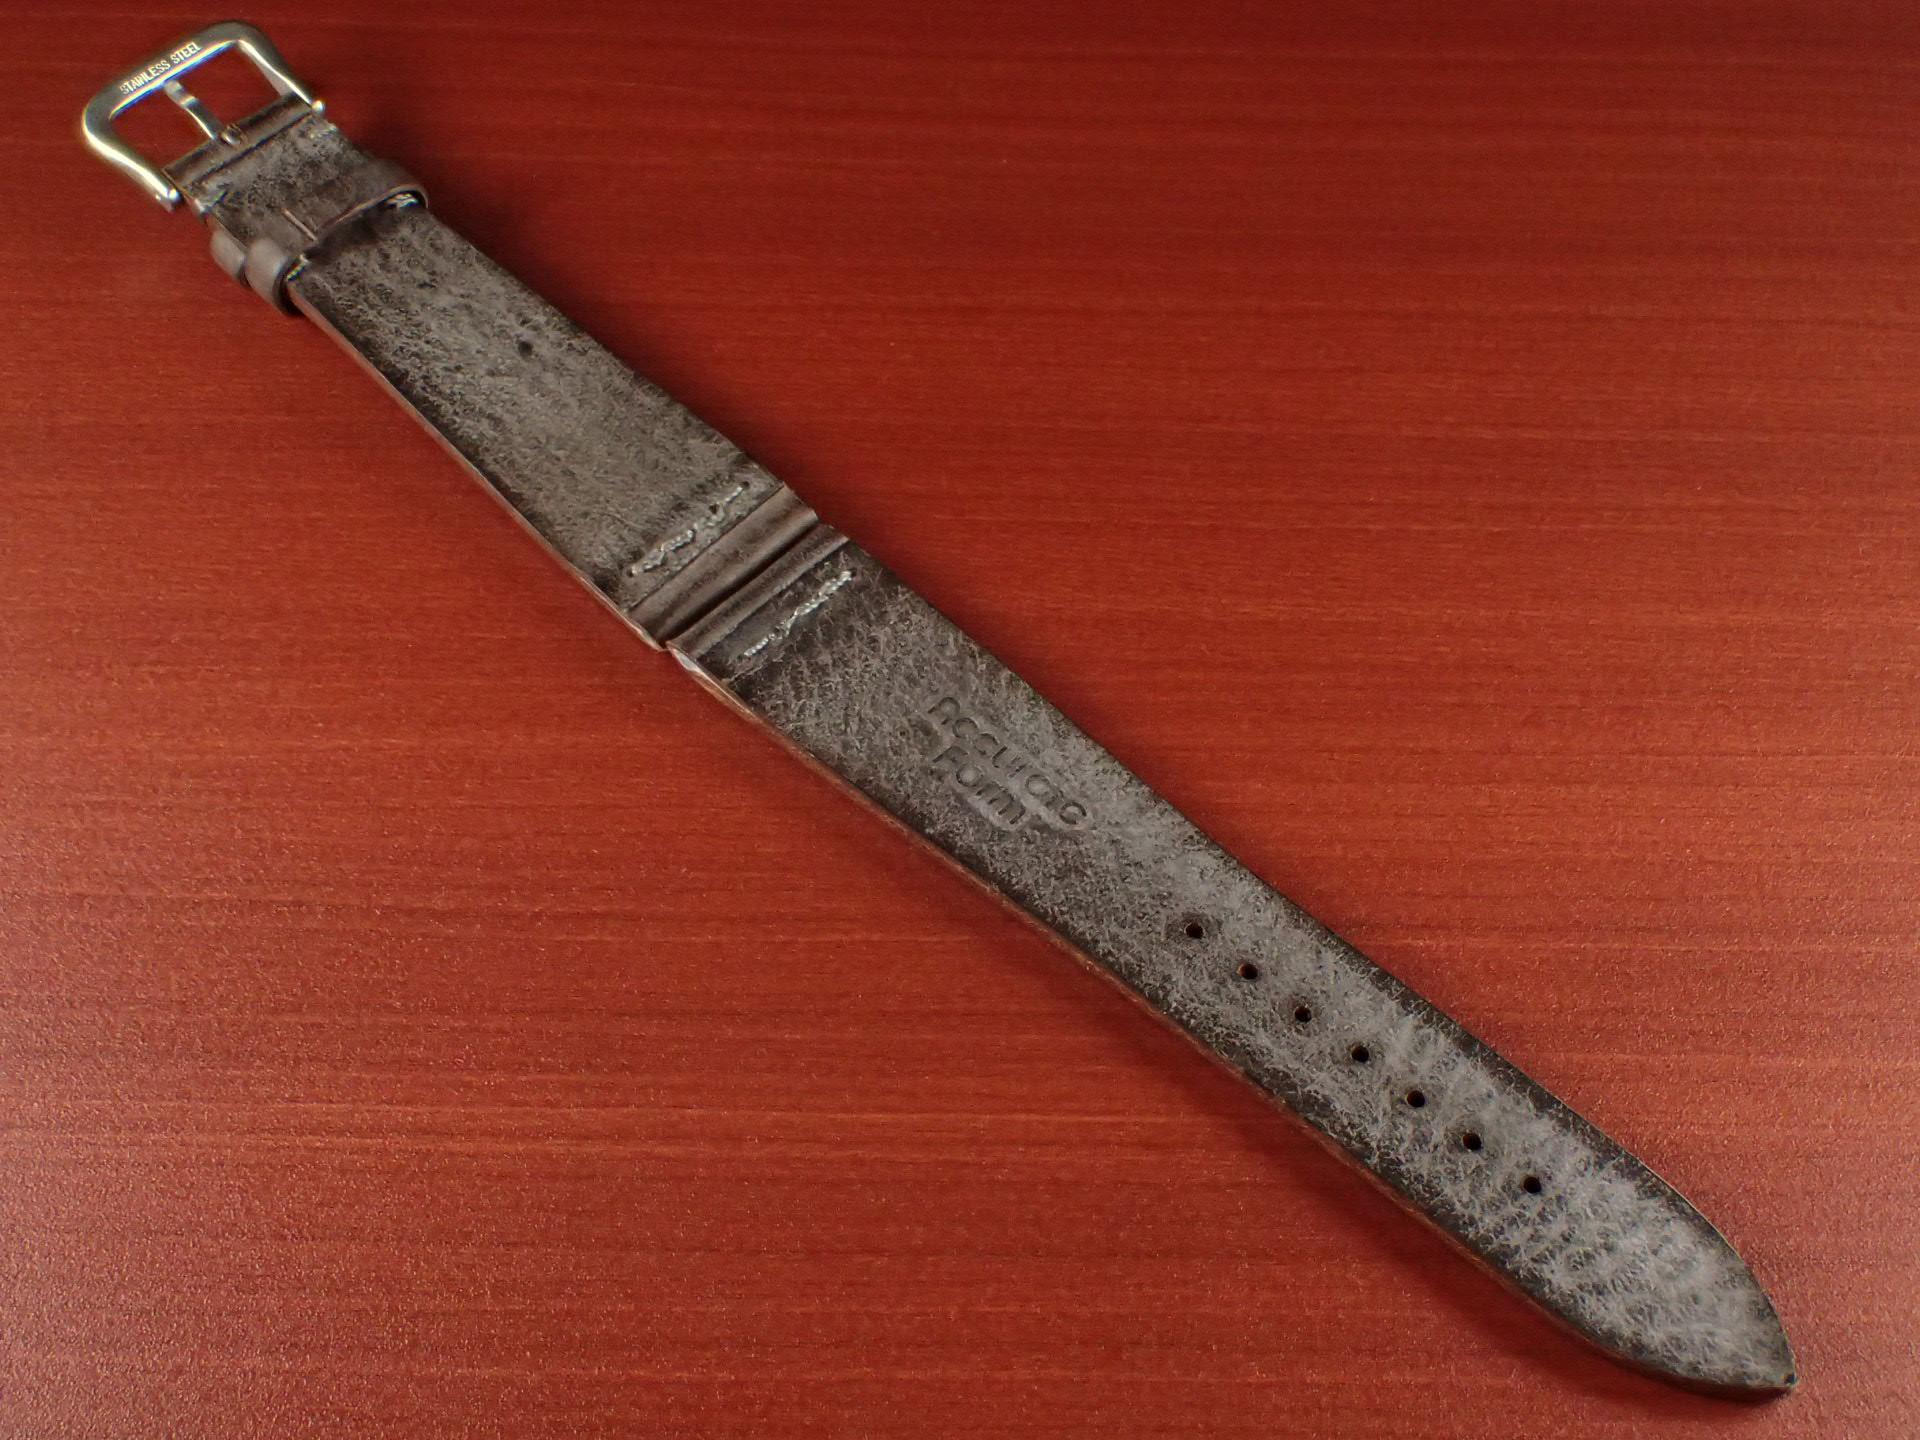 ブライドルレザーベルト ラ・ペルラ・アッズーラ アラスカ 一文字ステッチ ダークブラウン 18、20mmの写真2枚目